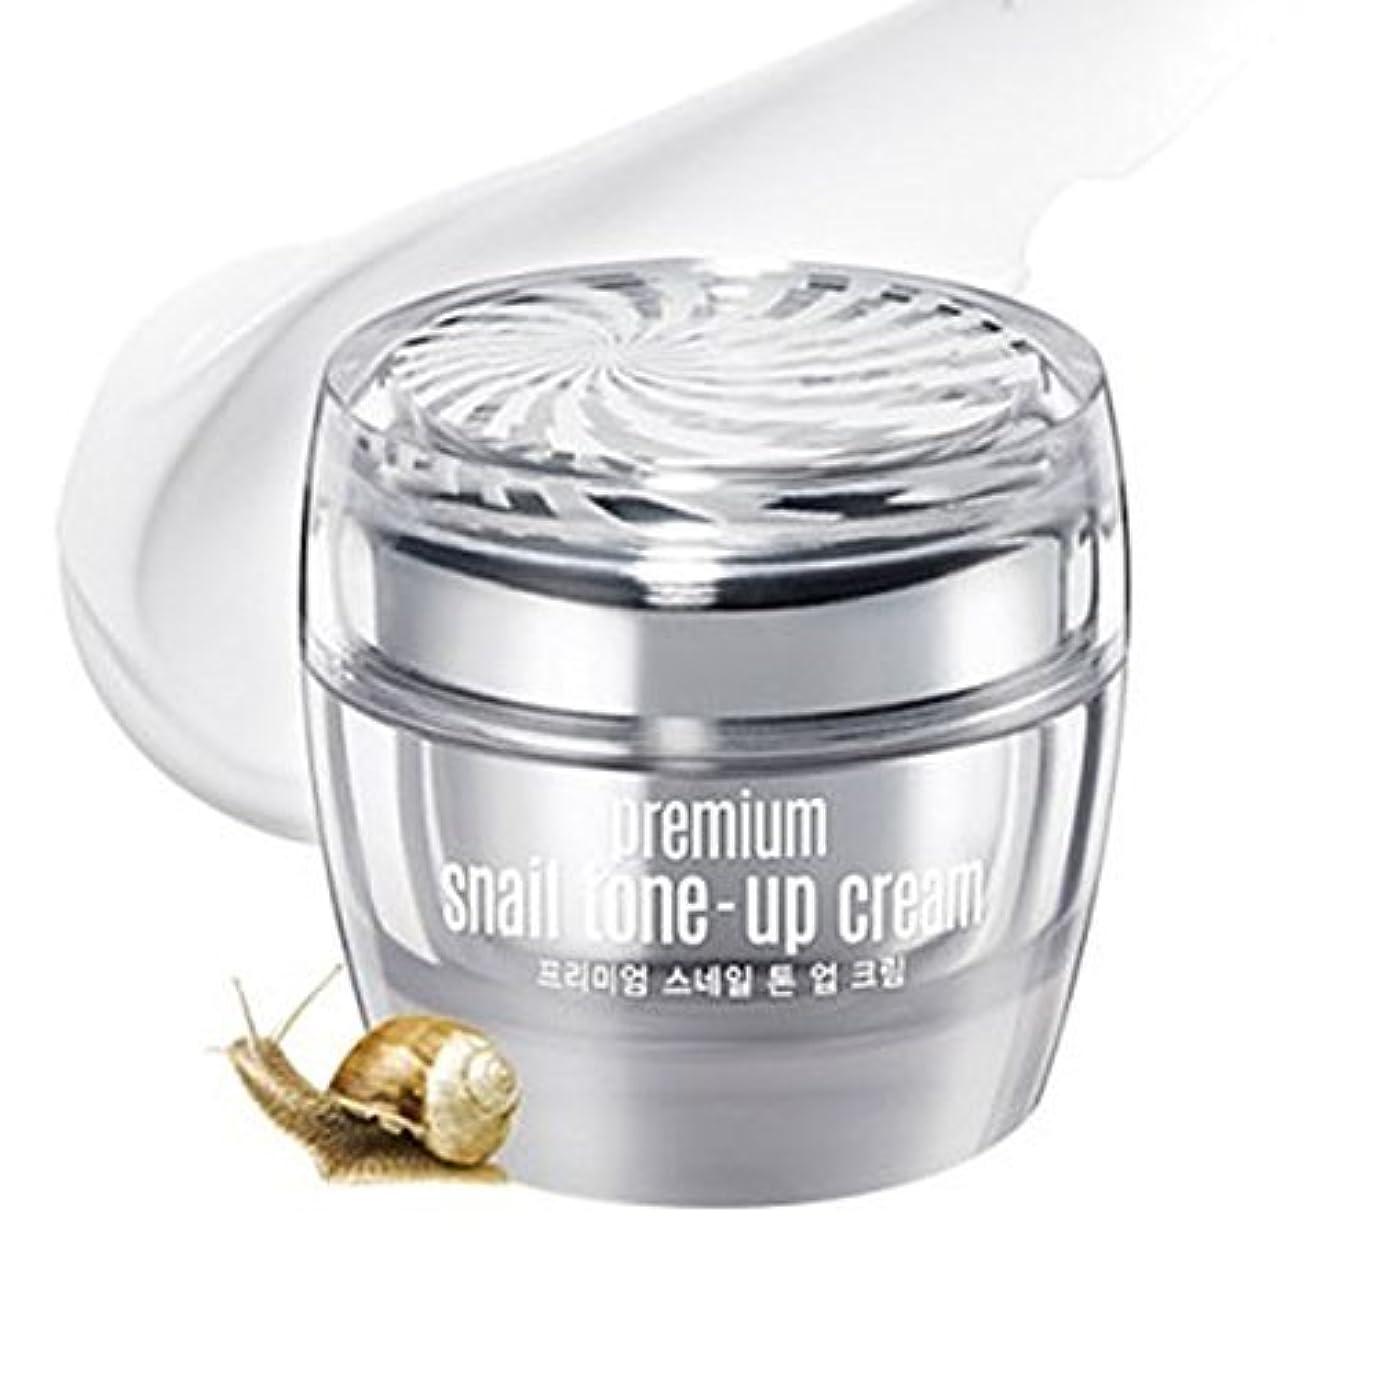 資本主義閉塞告発者グーダル プレミアム スネイル トーンアップ クリーム CLIO Goodal Premium Snail Tone Up Whitening Cream 50ml(1.69oz)/Korea Cosmetic [並行輸入品]